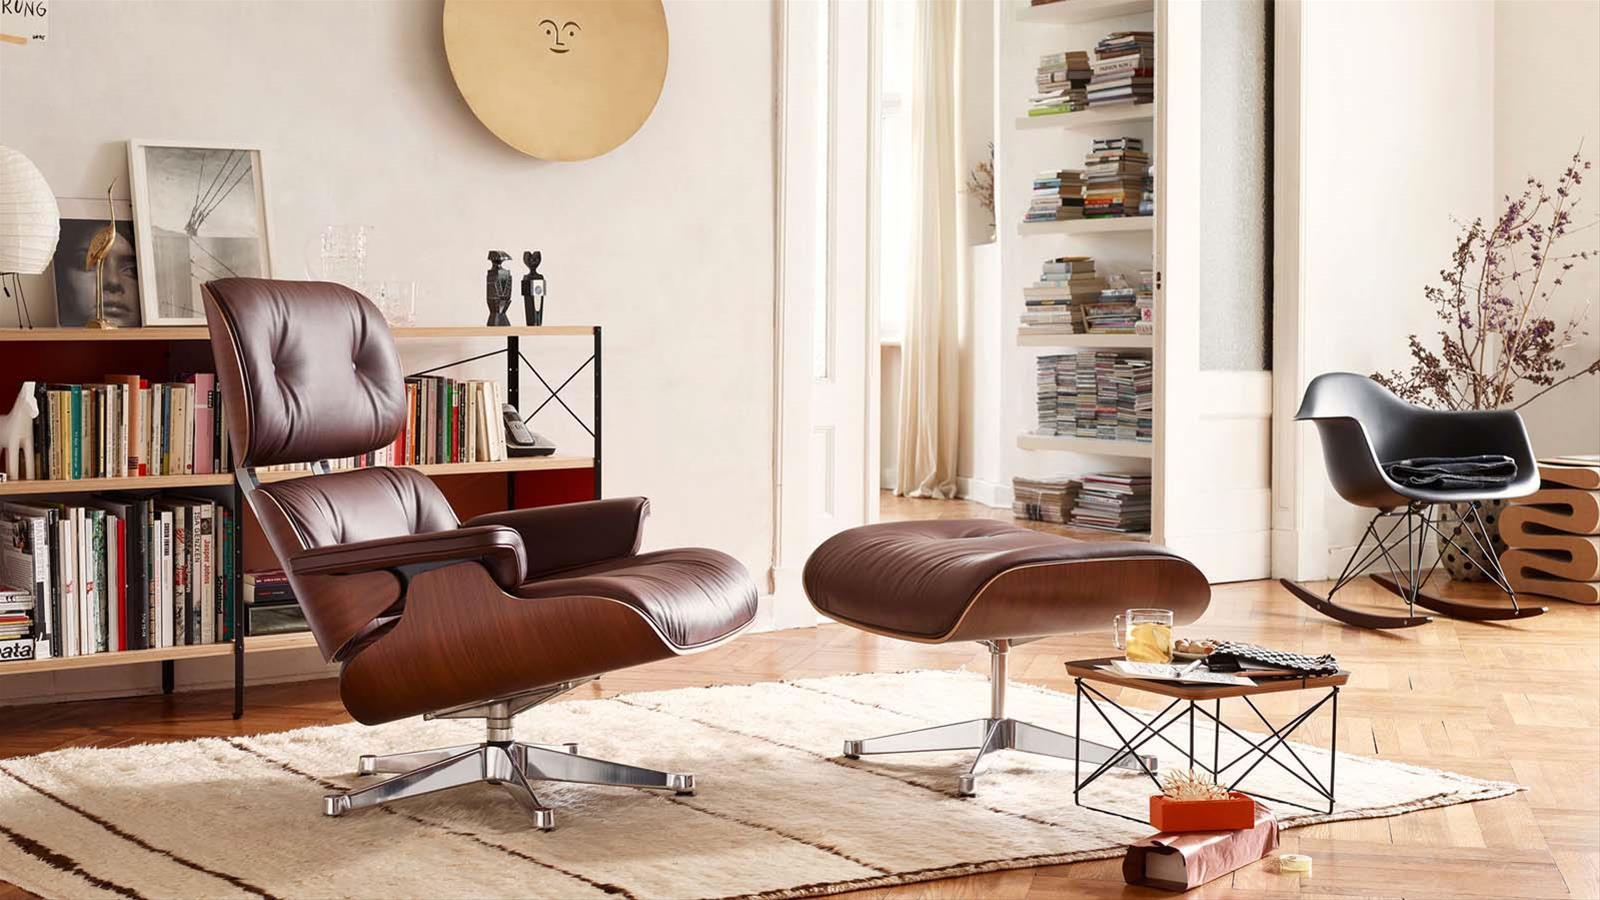 Sedia A Dondolo Vitra.Eames Lounge Chair Storia E Caratteristiche Di Un Icona